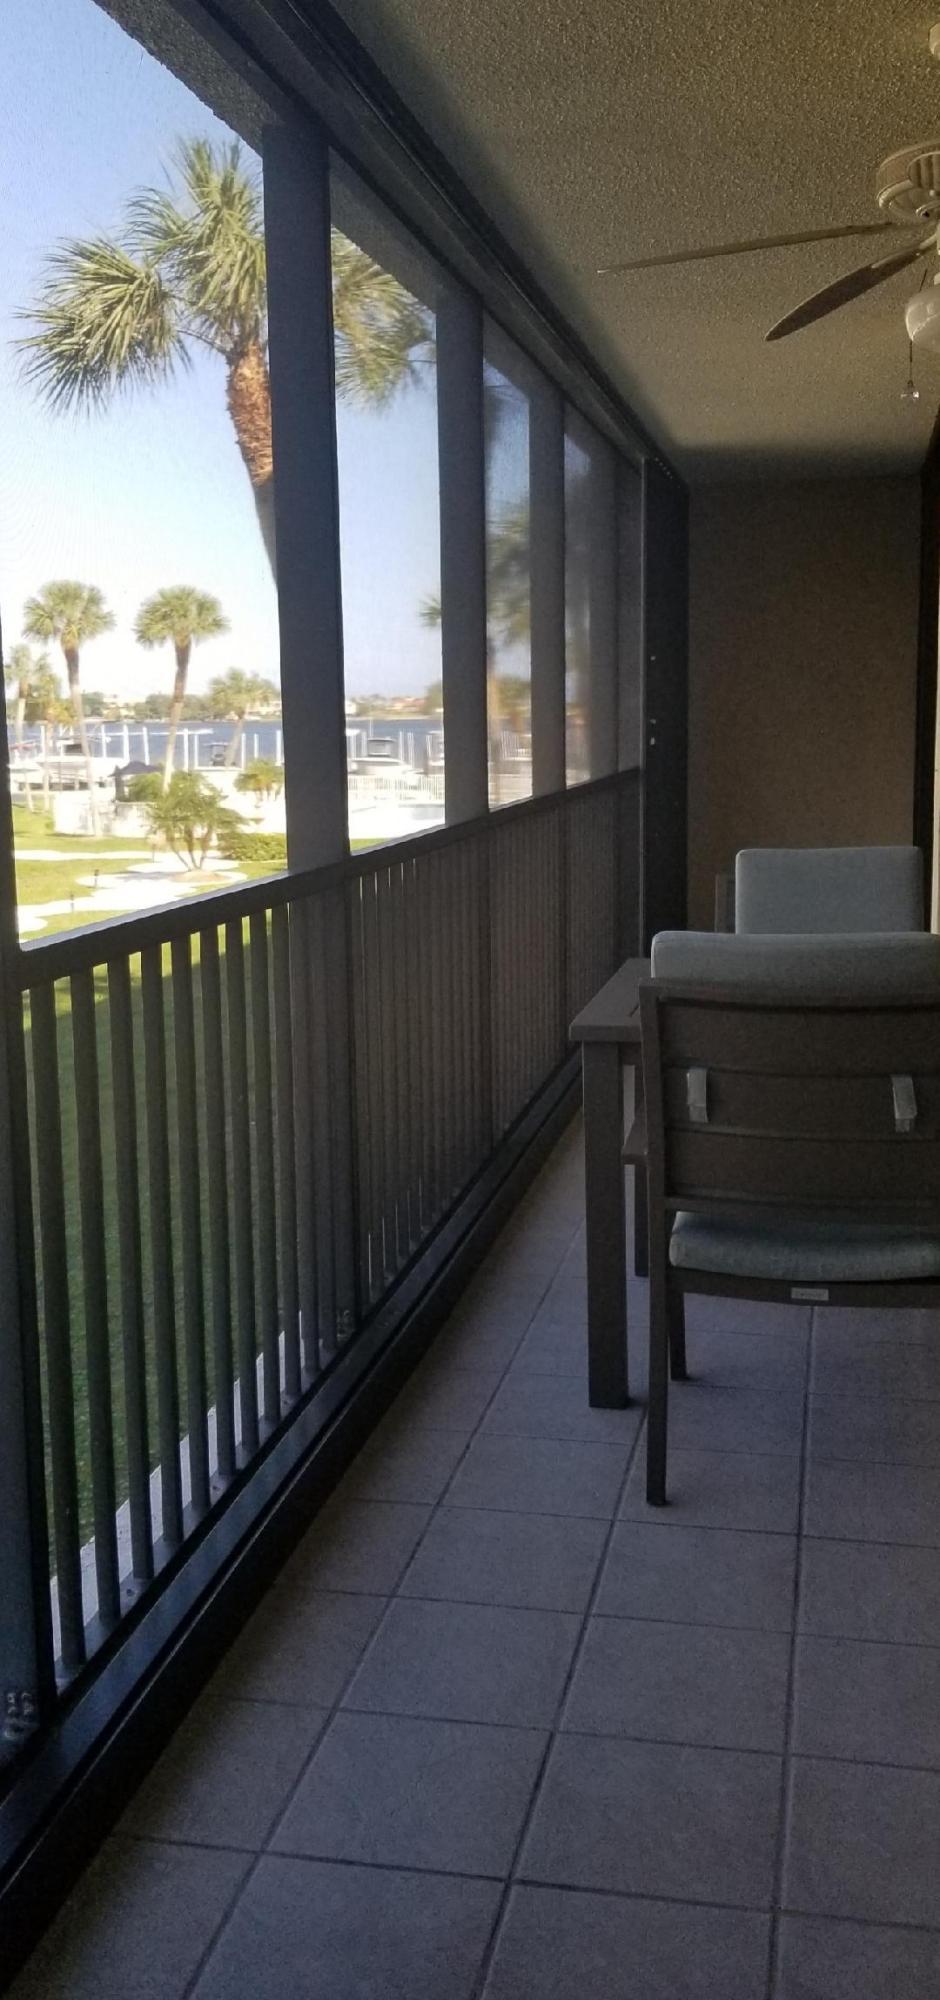 2424 N Federal Highway 206 Boynton Beach, FL 33435 photo 20